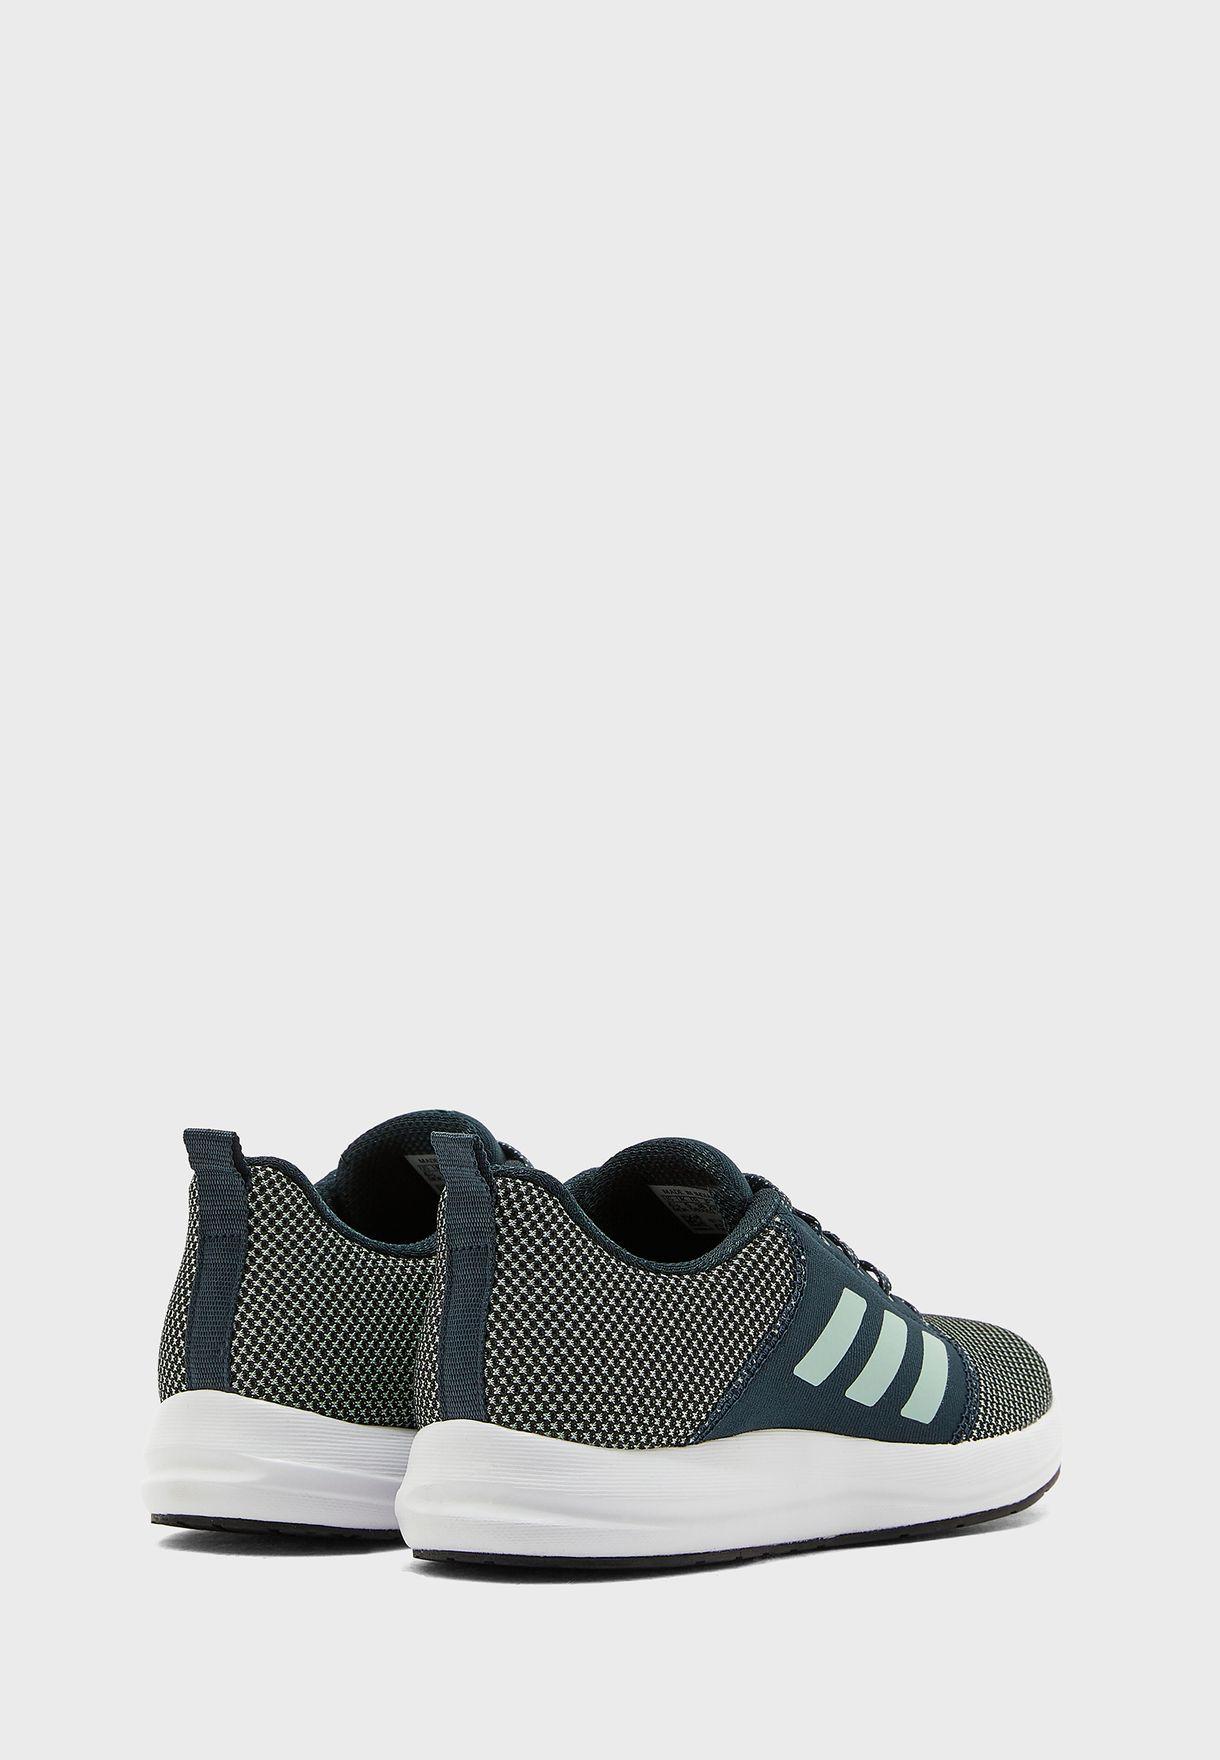 حذاء سايبرغ  1.0